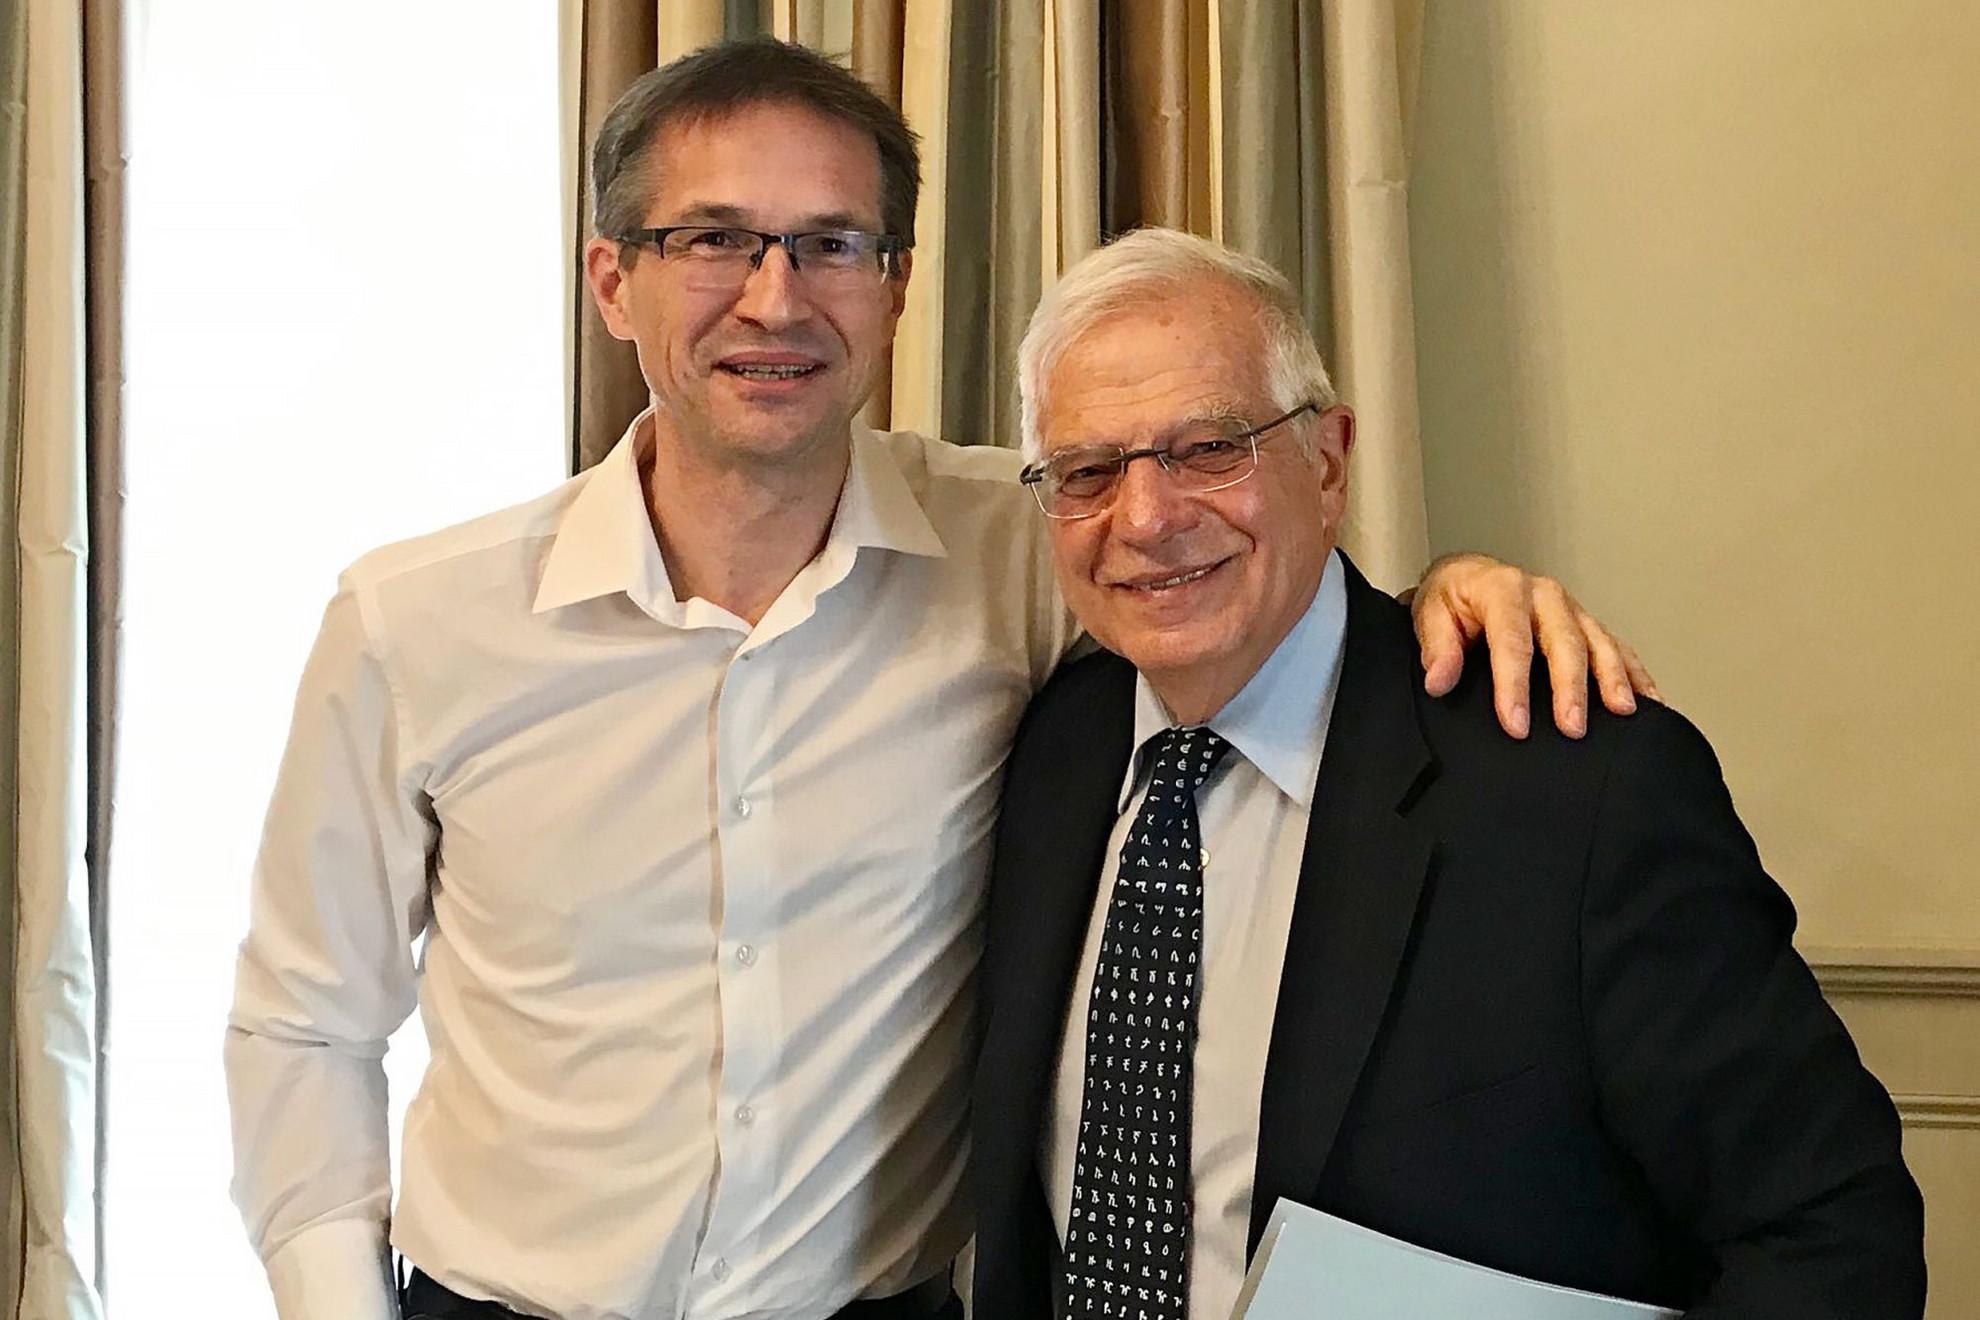 Brüsszeli kapcsolatok. Knaus jó viszonyt ápol Josep Borrell uniós főképviselővel